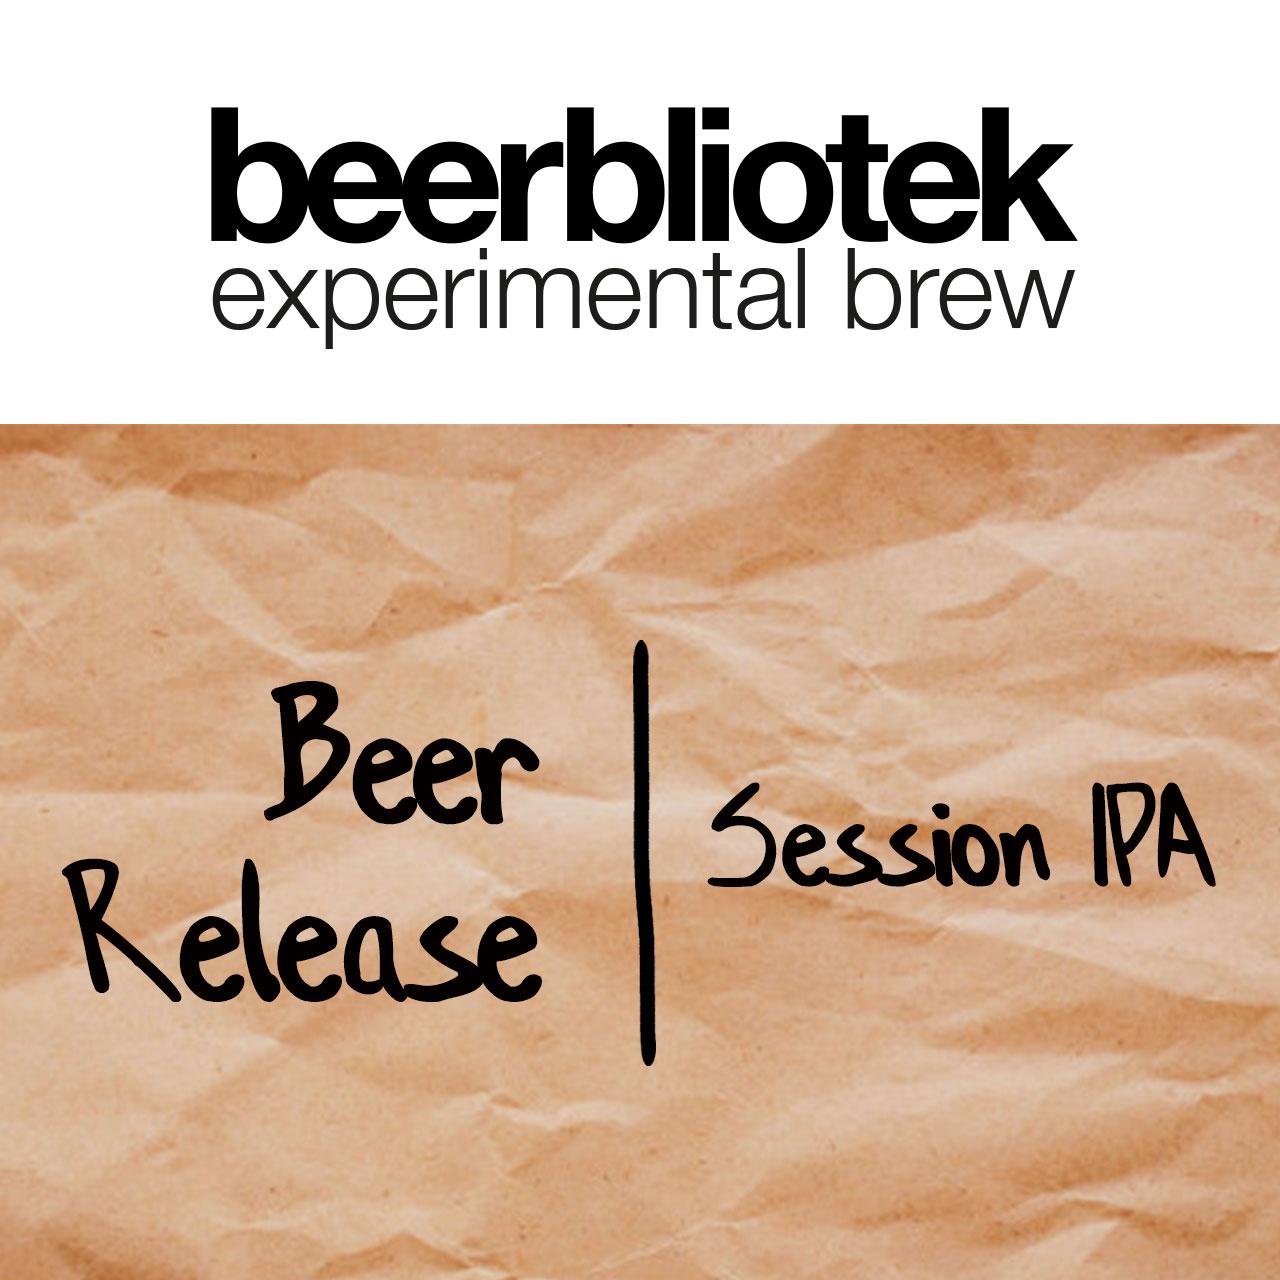 Beerbliotek Experimental Brew Beer Release Session IPA